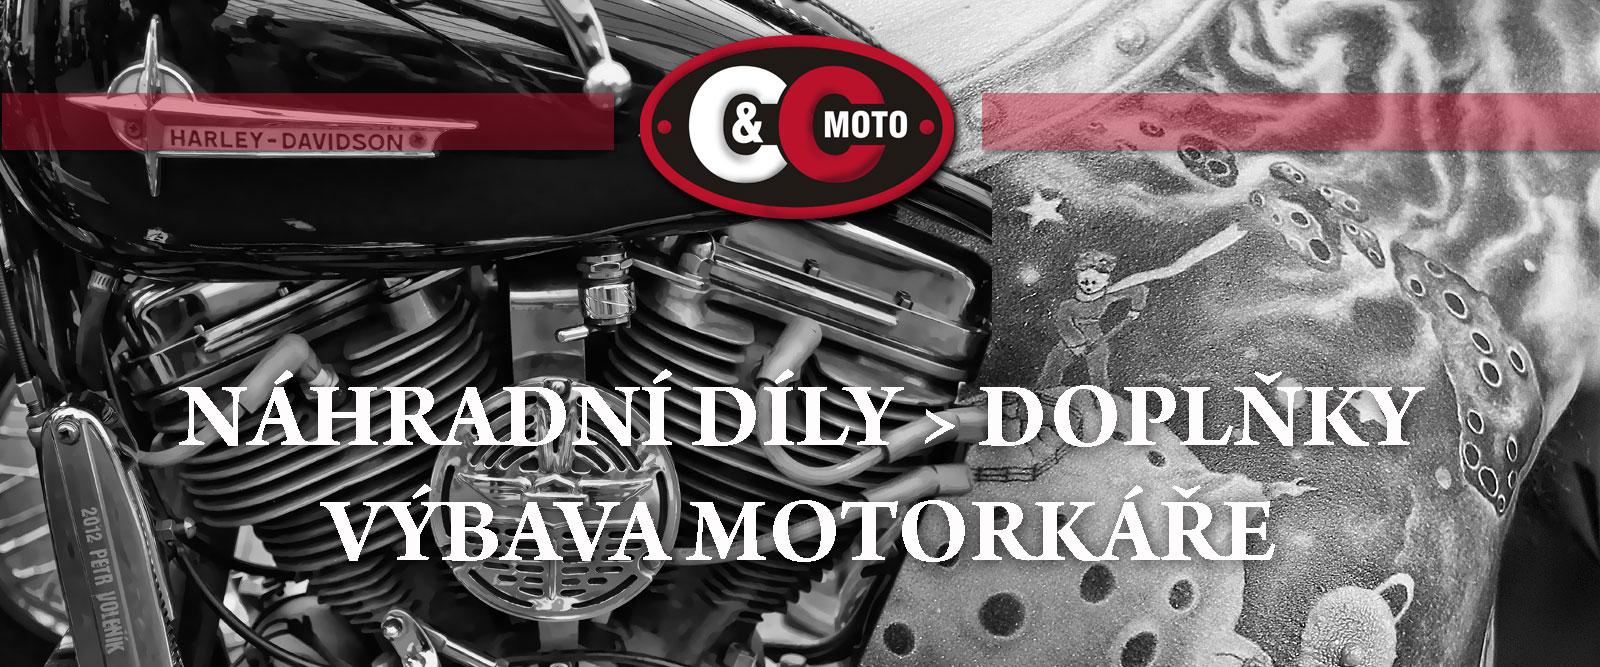 Náhradní díly, výbava motocyklů